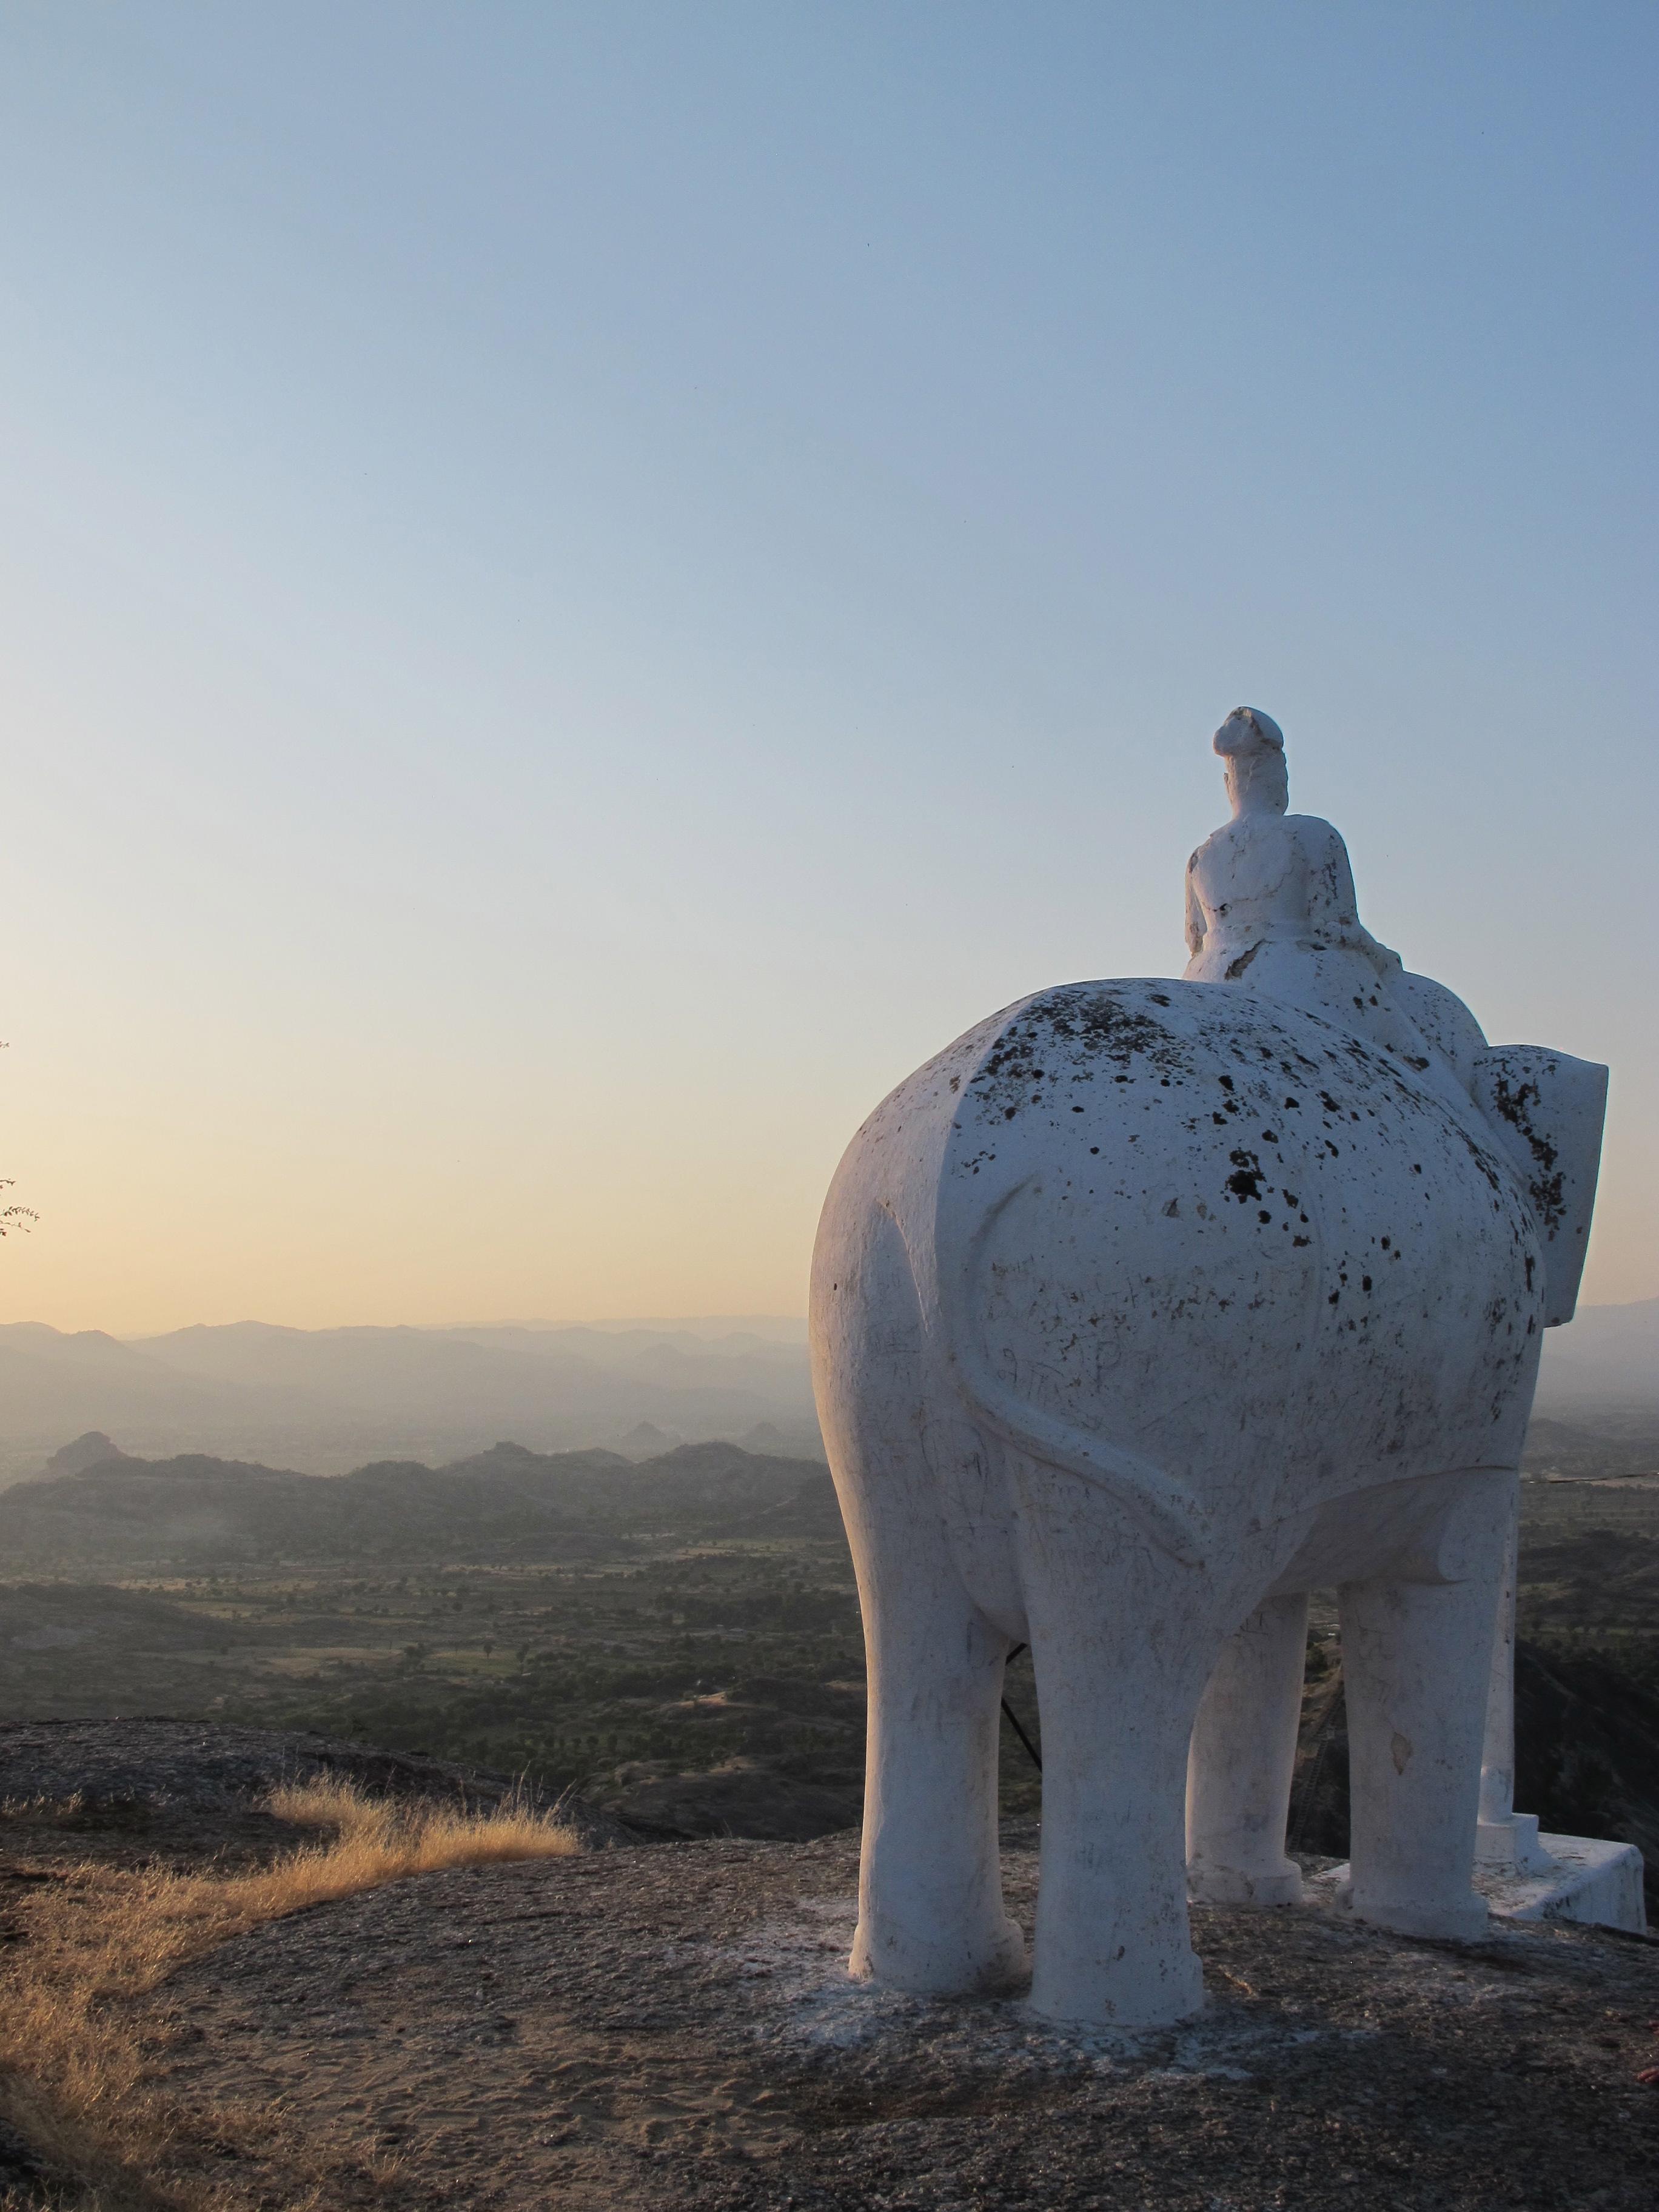 Elephant statue - Narlai - India